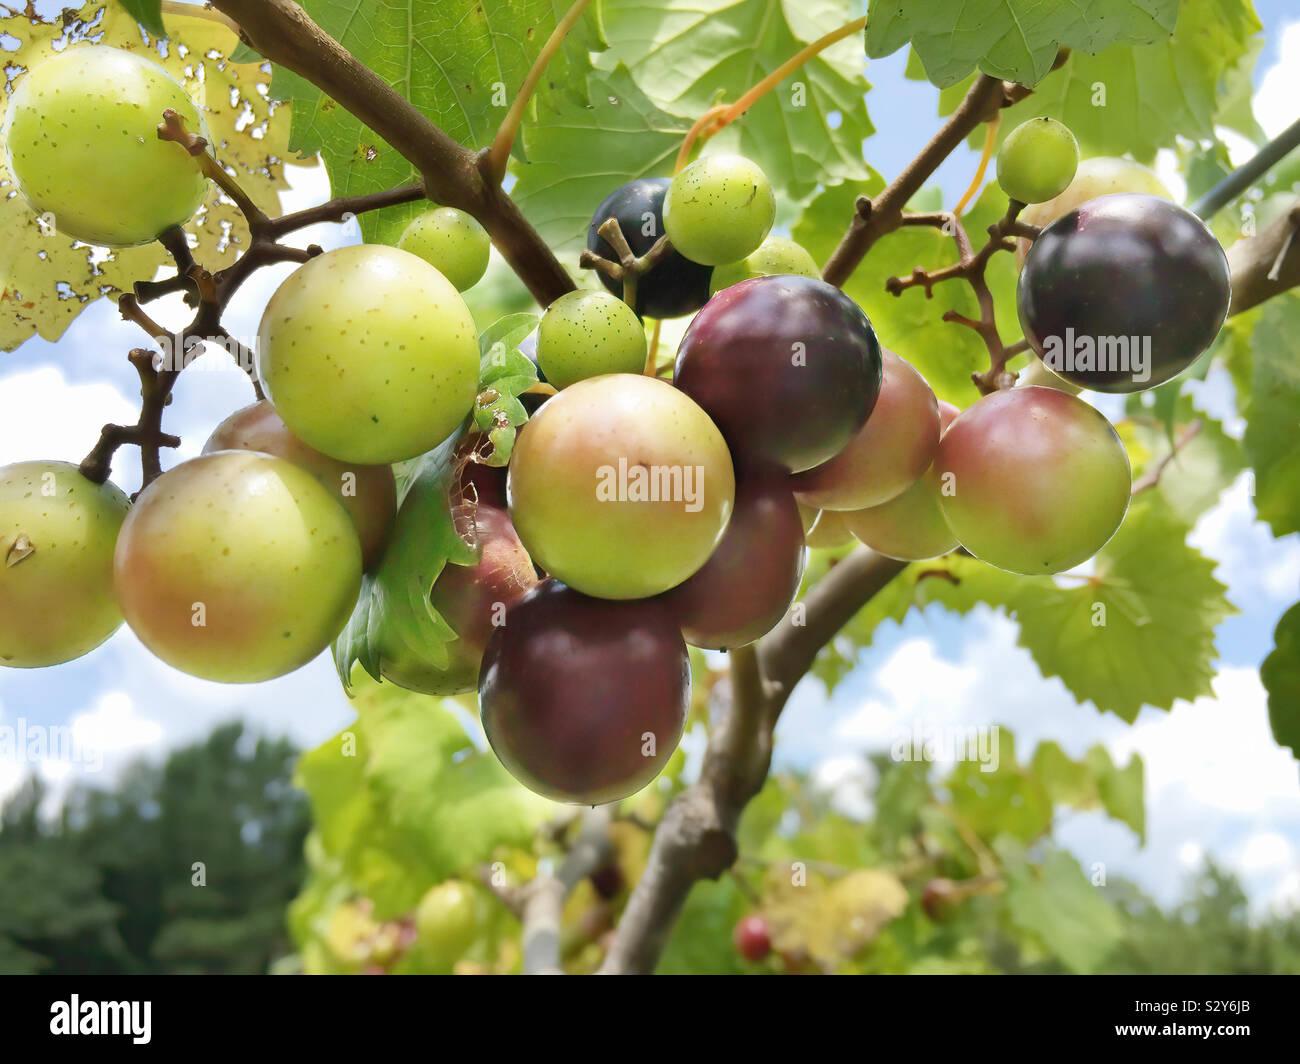 Moscato frutto la viticoltura in un vigneto in Warm Springs Georgia USA. La messa a fuoco in primo piano. Foto Stock